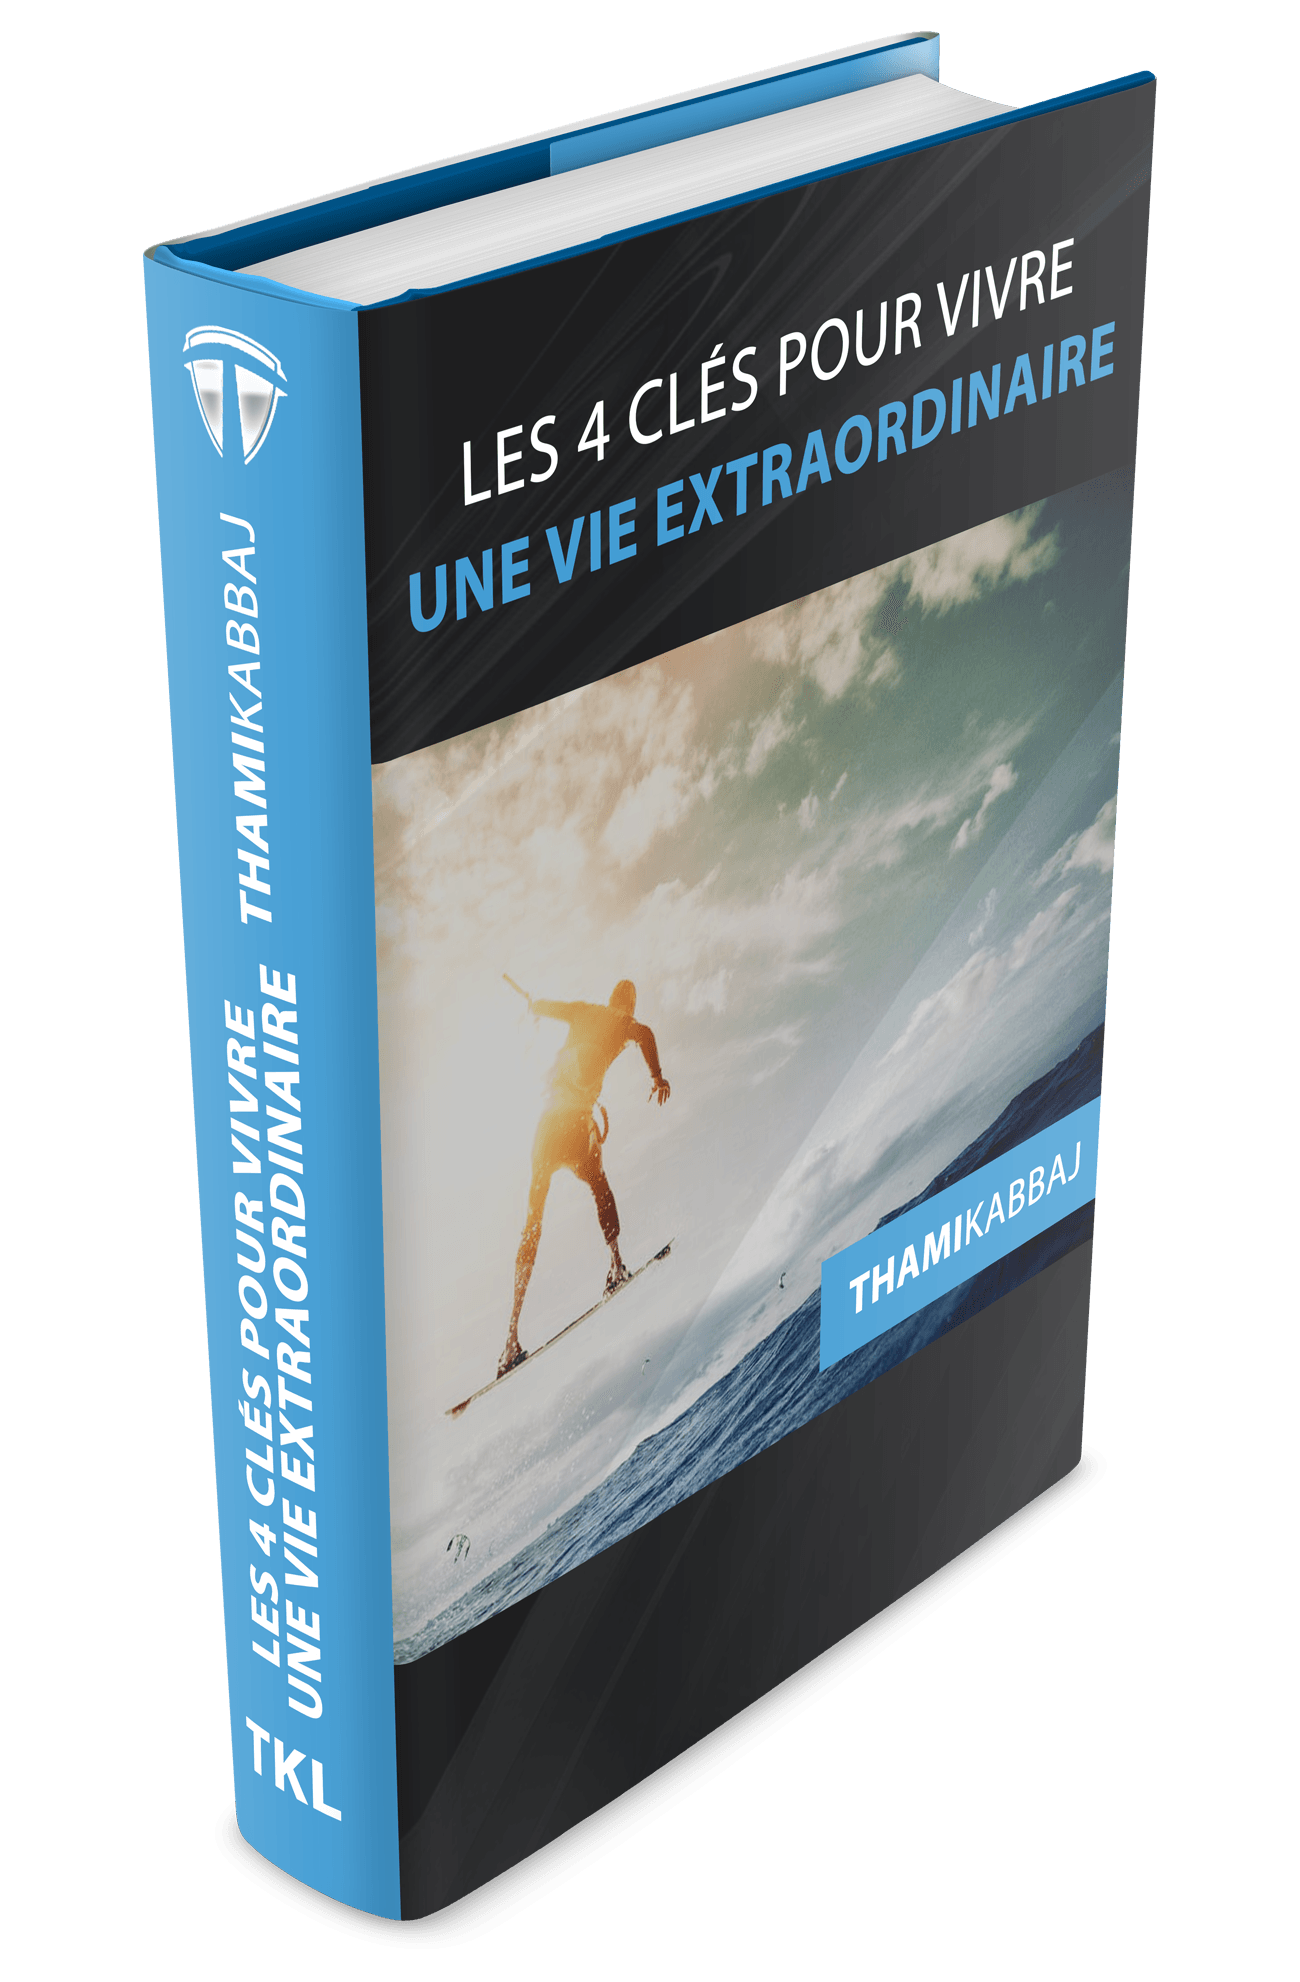 extraordinaire extraordinaire 4 Clés pour une vie EXTRAORDINAIRE!!! 4 cles 2